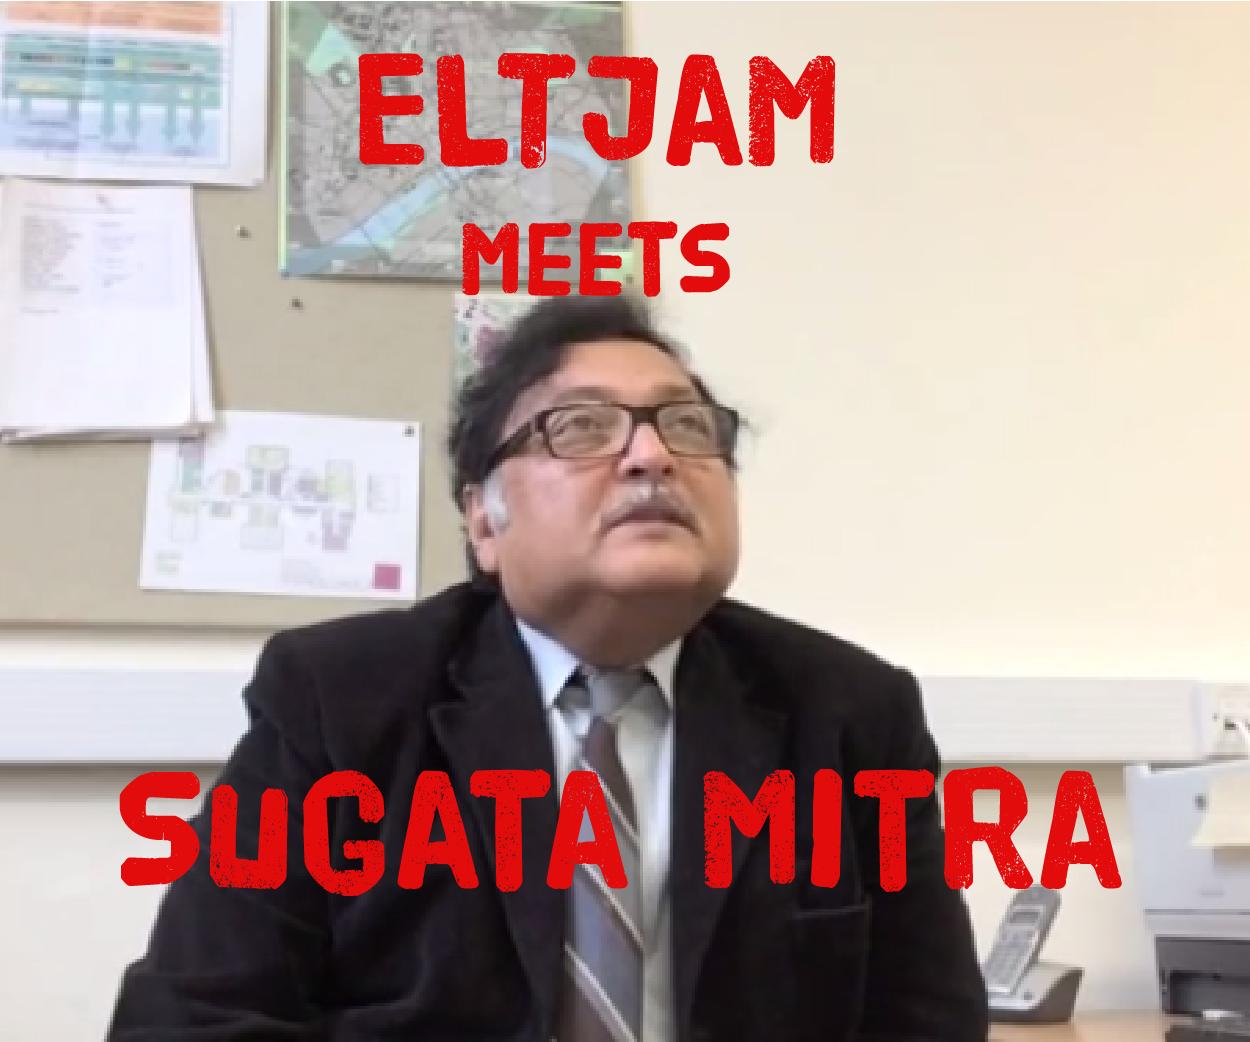 ELTjam meets Sugata Mitra